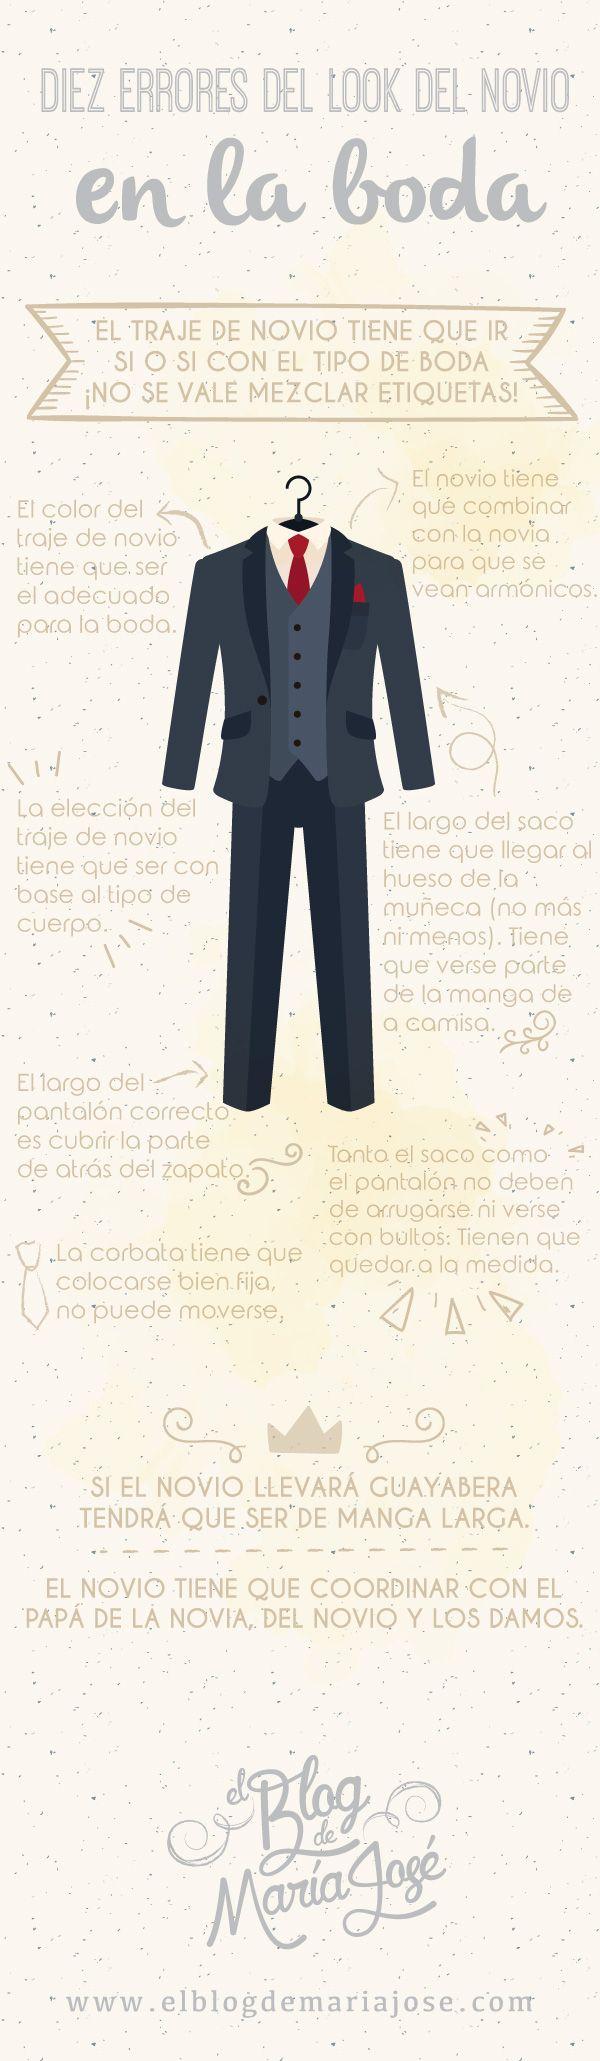 Diez mandamientos del look del novio en la boda